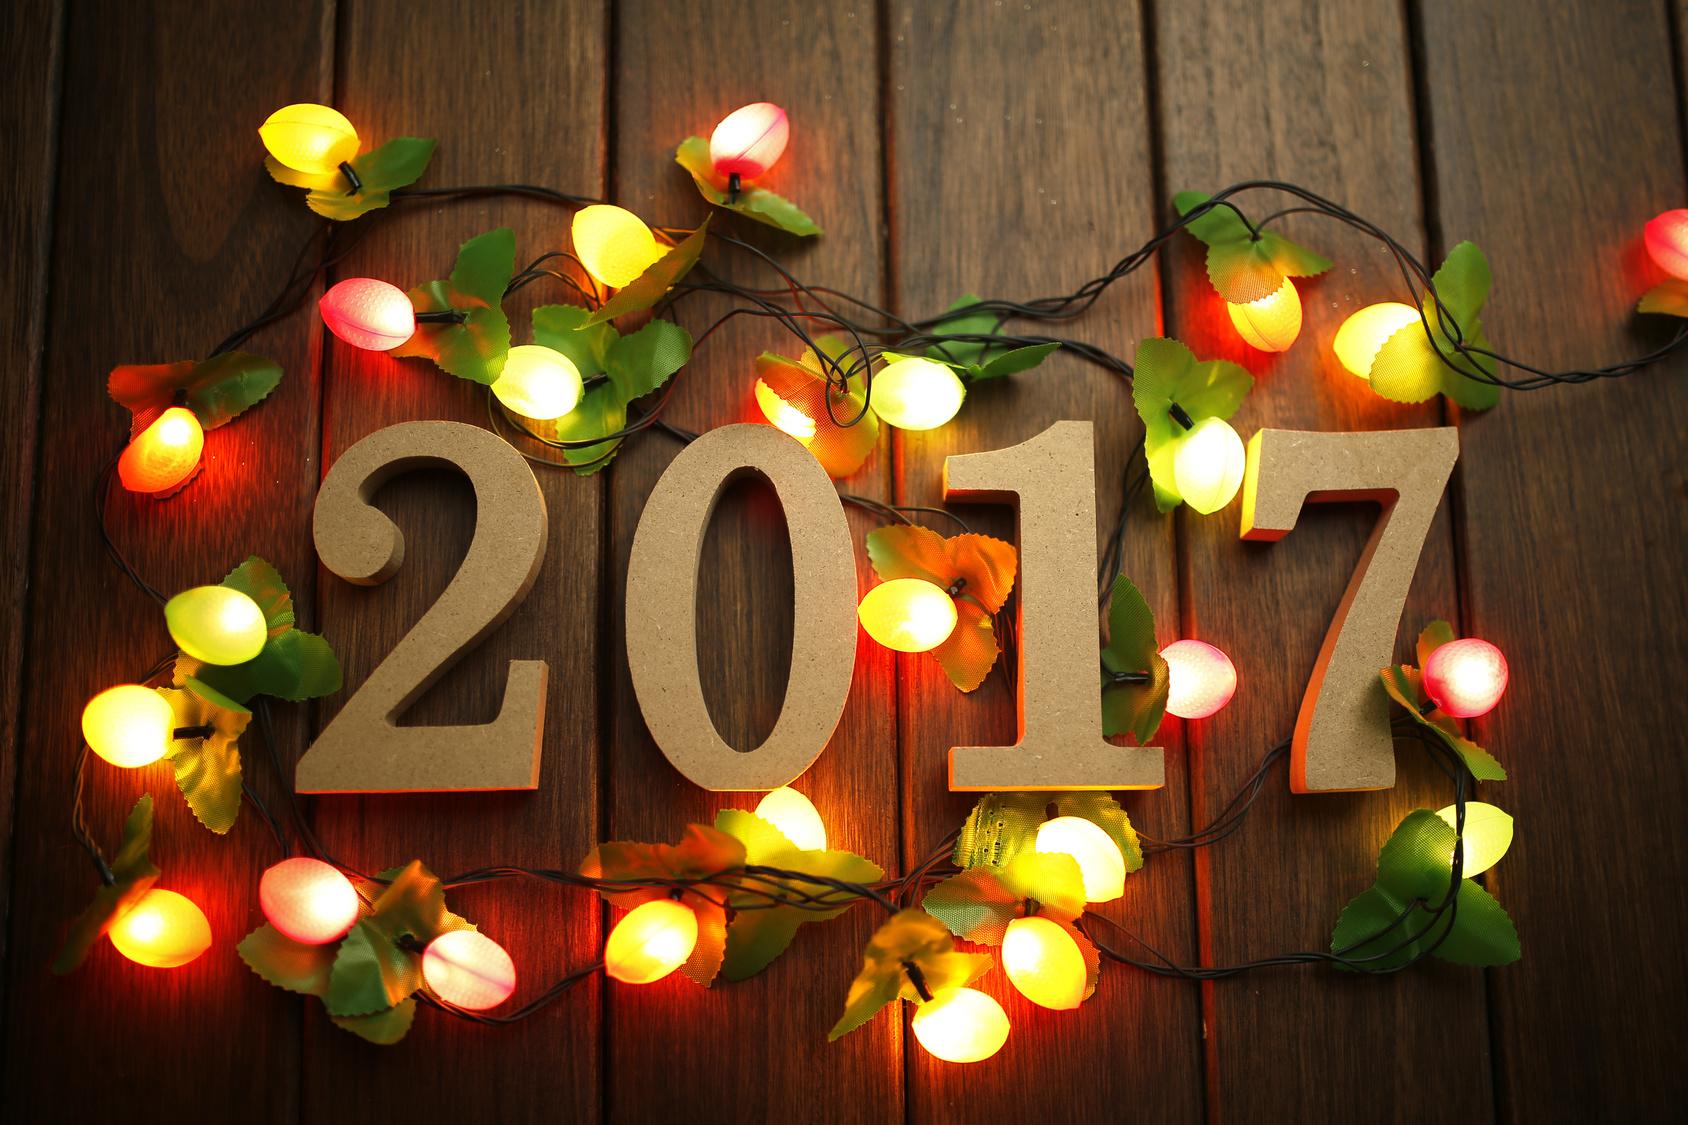 ¡Feliz y eficiente 2017!